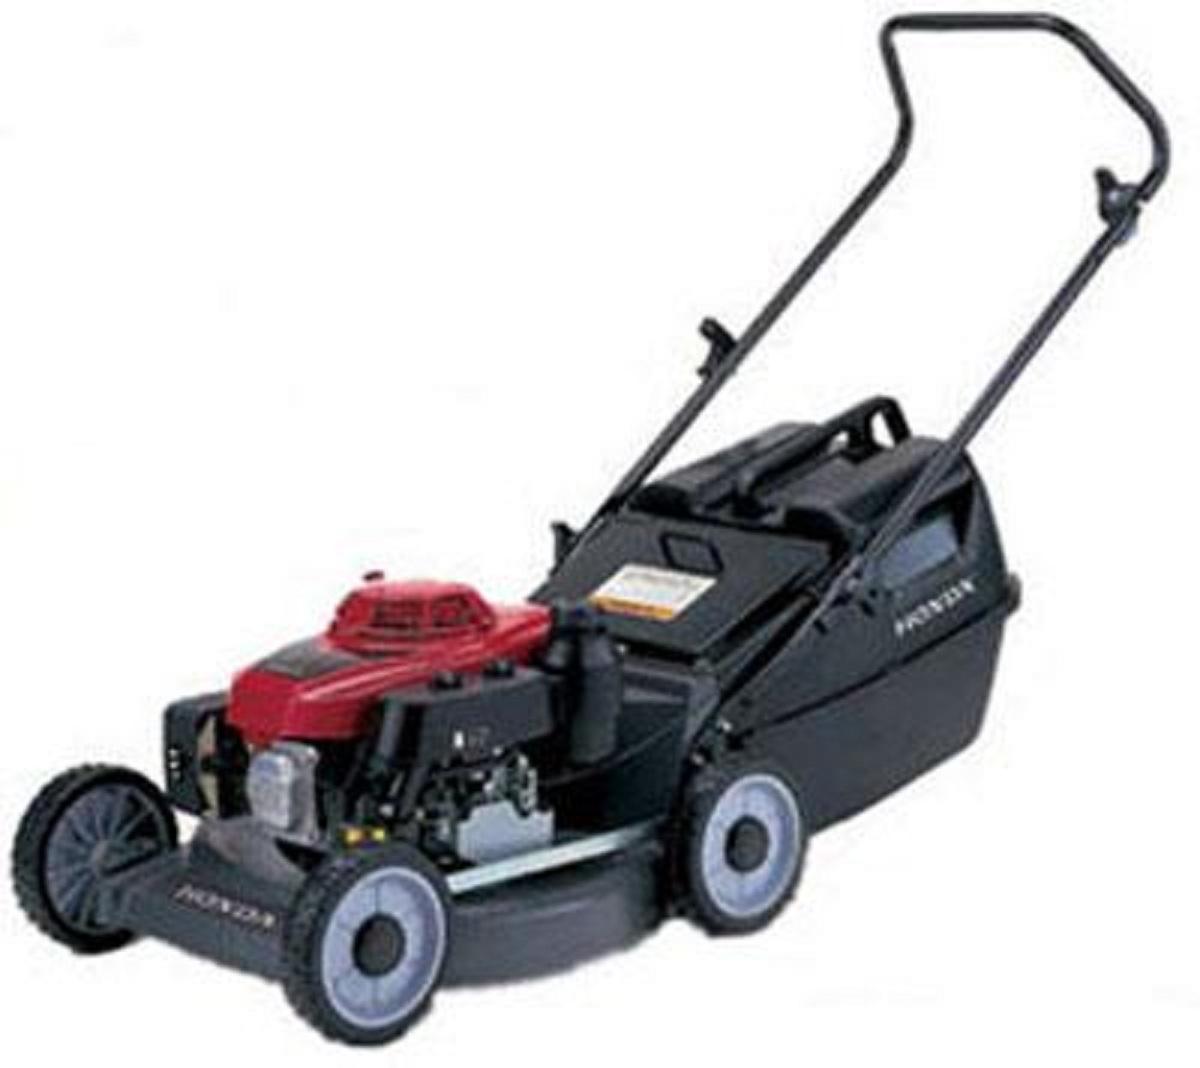 Máy cắt cỏ đẩy tay Honda HRU 196 DPU